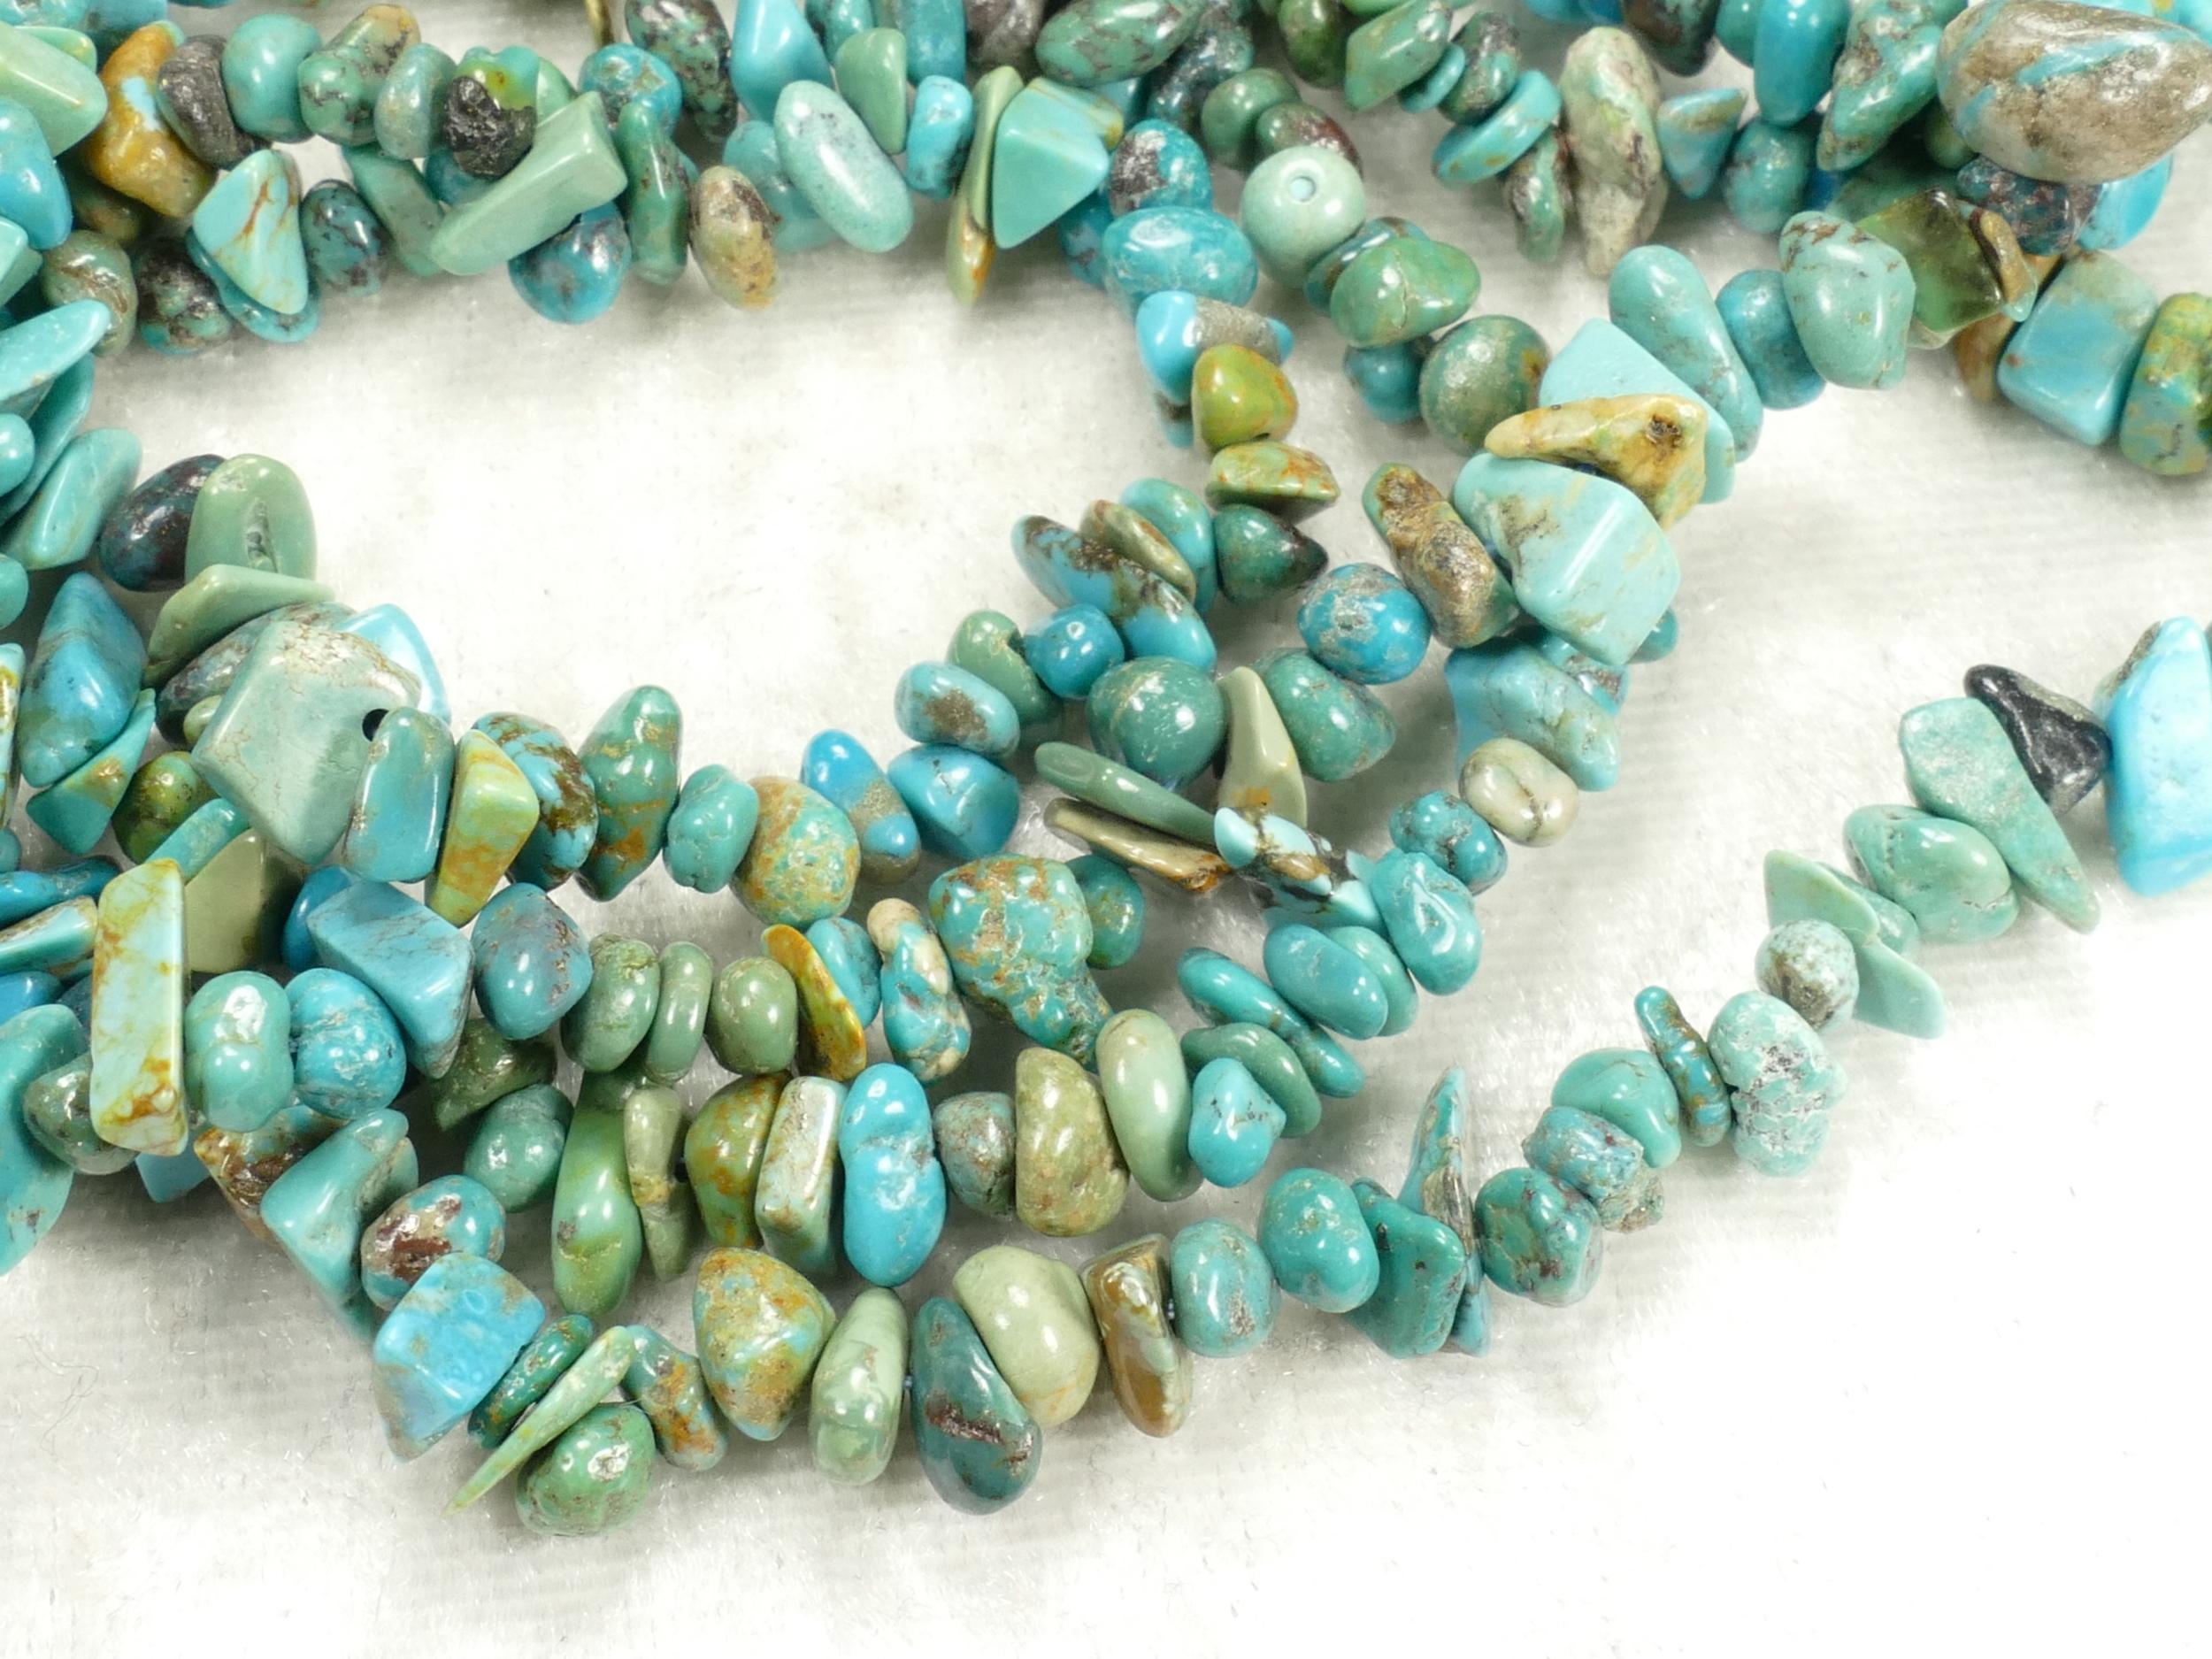 4/9mm Perles de Turquoise brute roulée de Chine & Tibet corde mélangé x40cm (15.7inch) (#AC494)